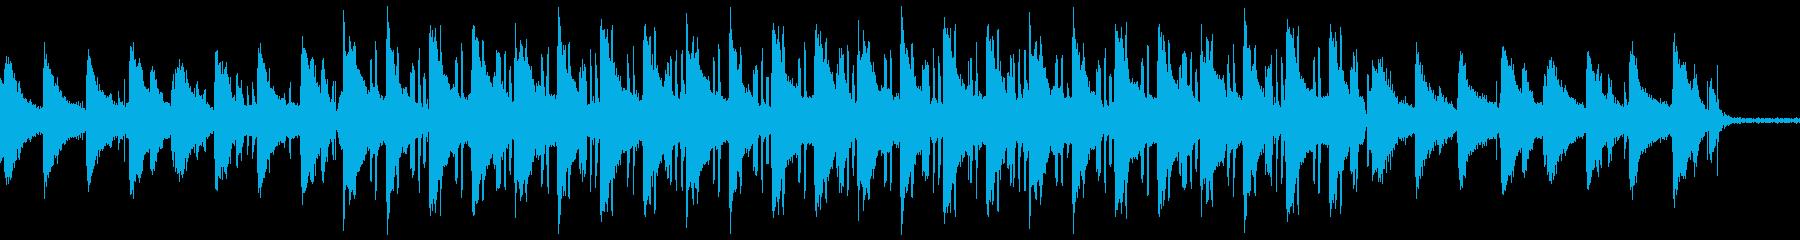 ローファイヒップホップ 環境音はカフェの再生済みの波形